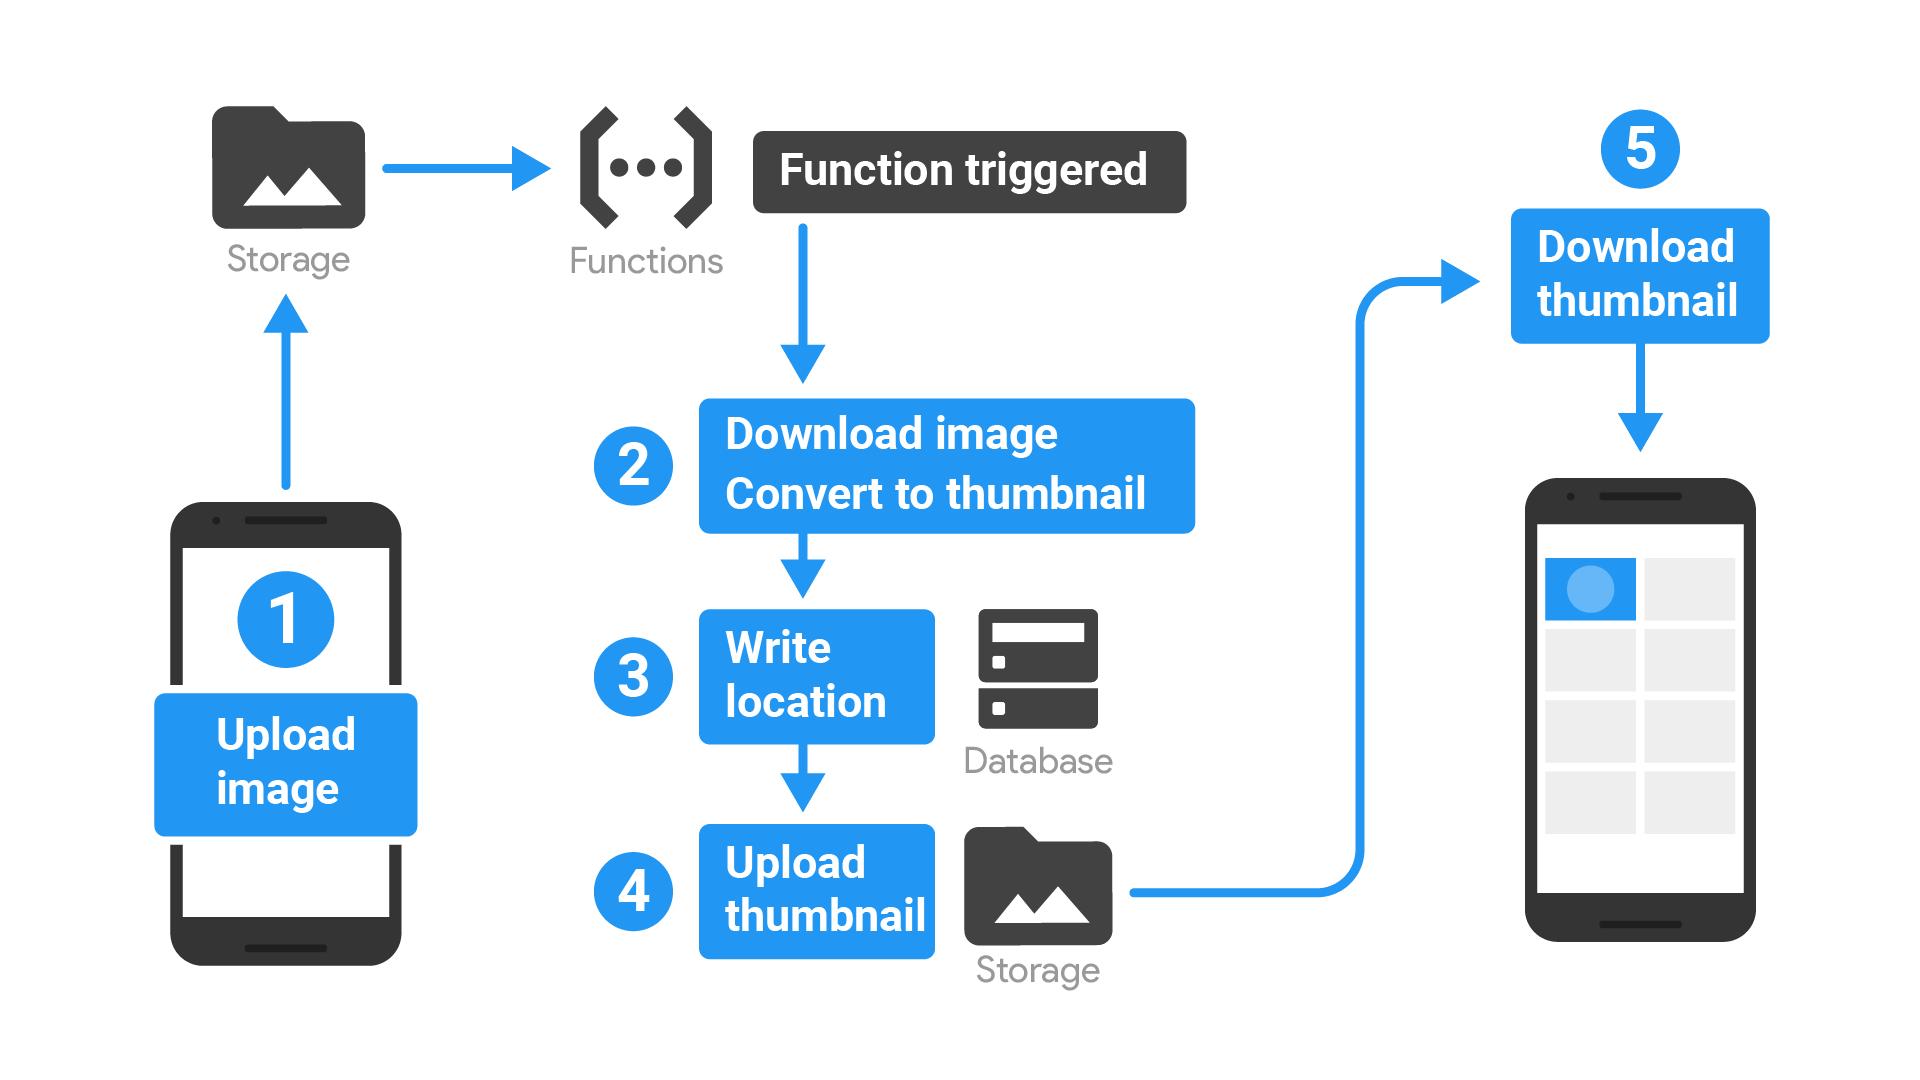 Diagrama en el que se muestra el flujo de la app que se describe a continuación